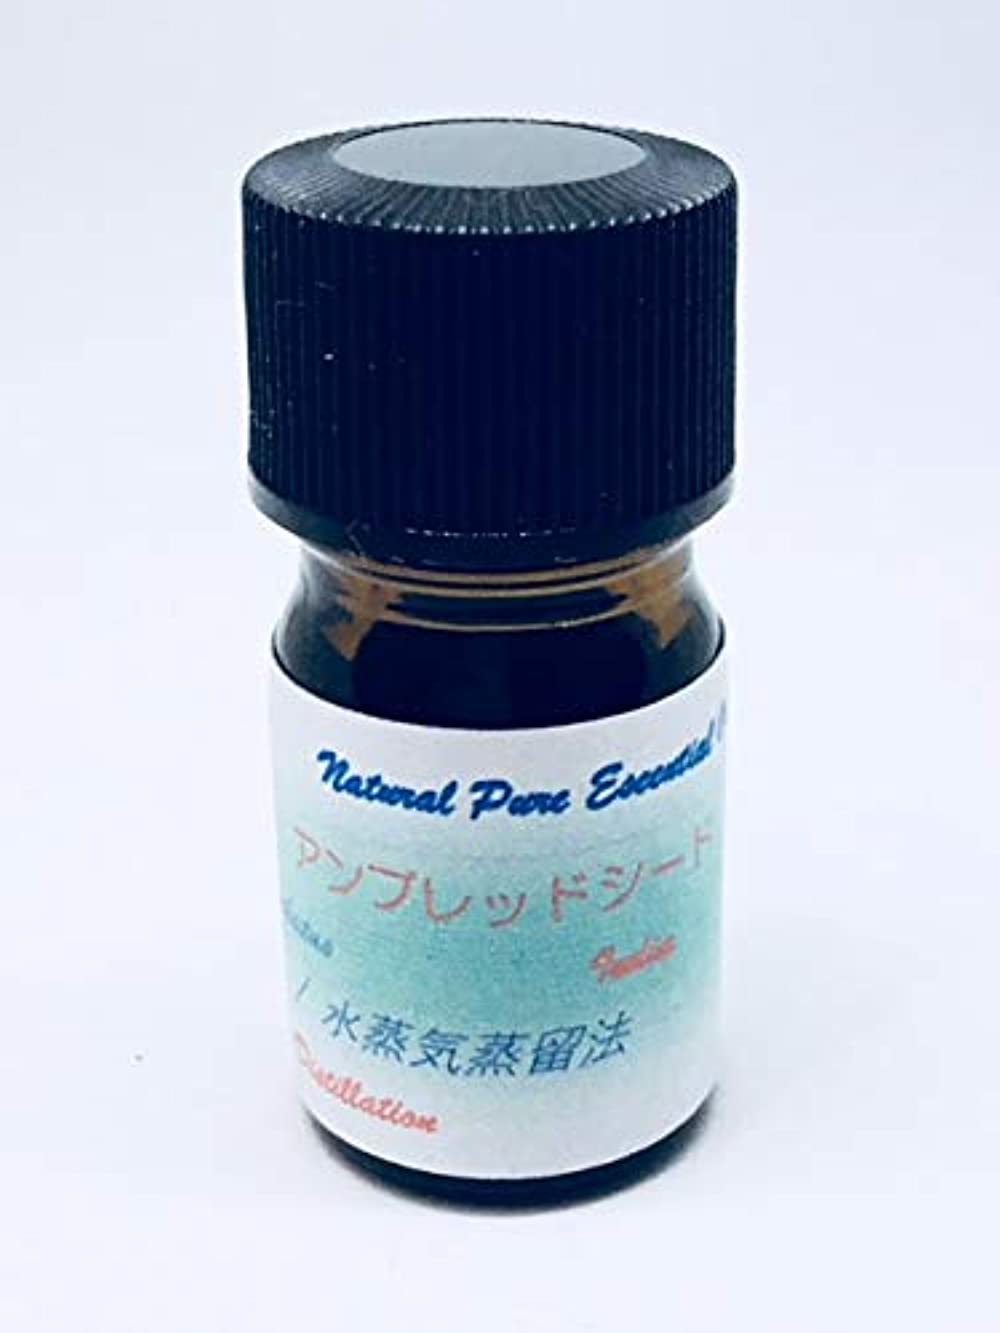 恥原点ポジティブアンブレッドシード(植物性ムスク)精油 3ml100%ピュアエッセンシャル